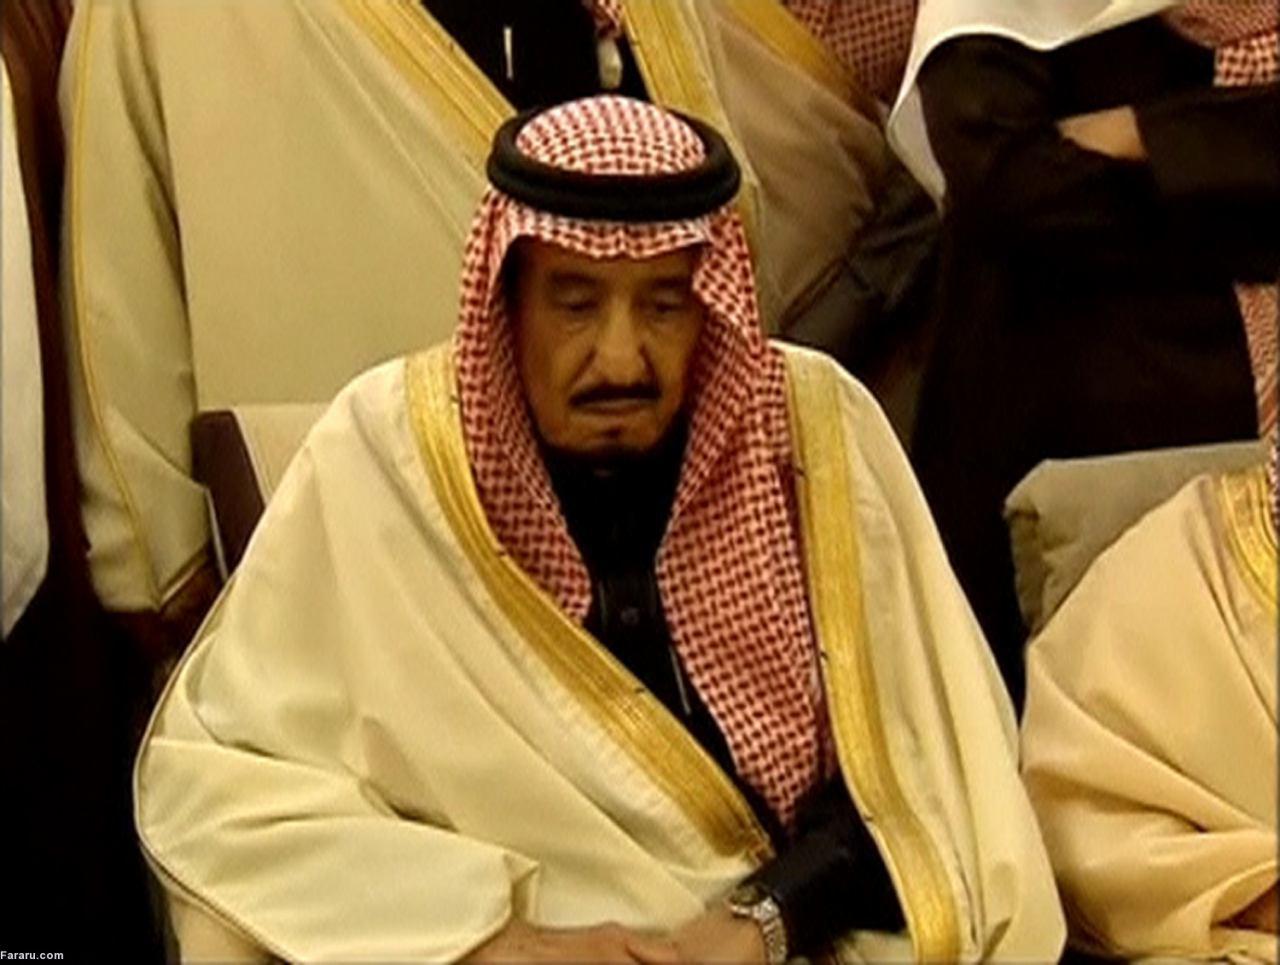 تصویر سخنان نامفهوم ملک سلمان در مجلس فرمايشى عربستان و تمسخر وى در فضاهاى مجازى